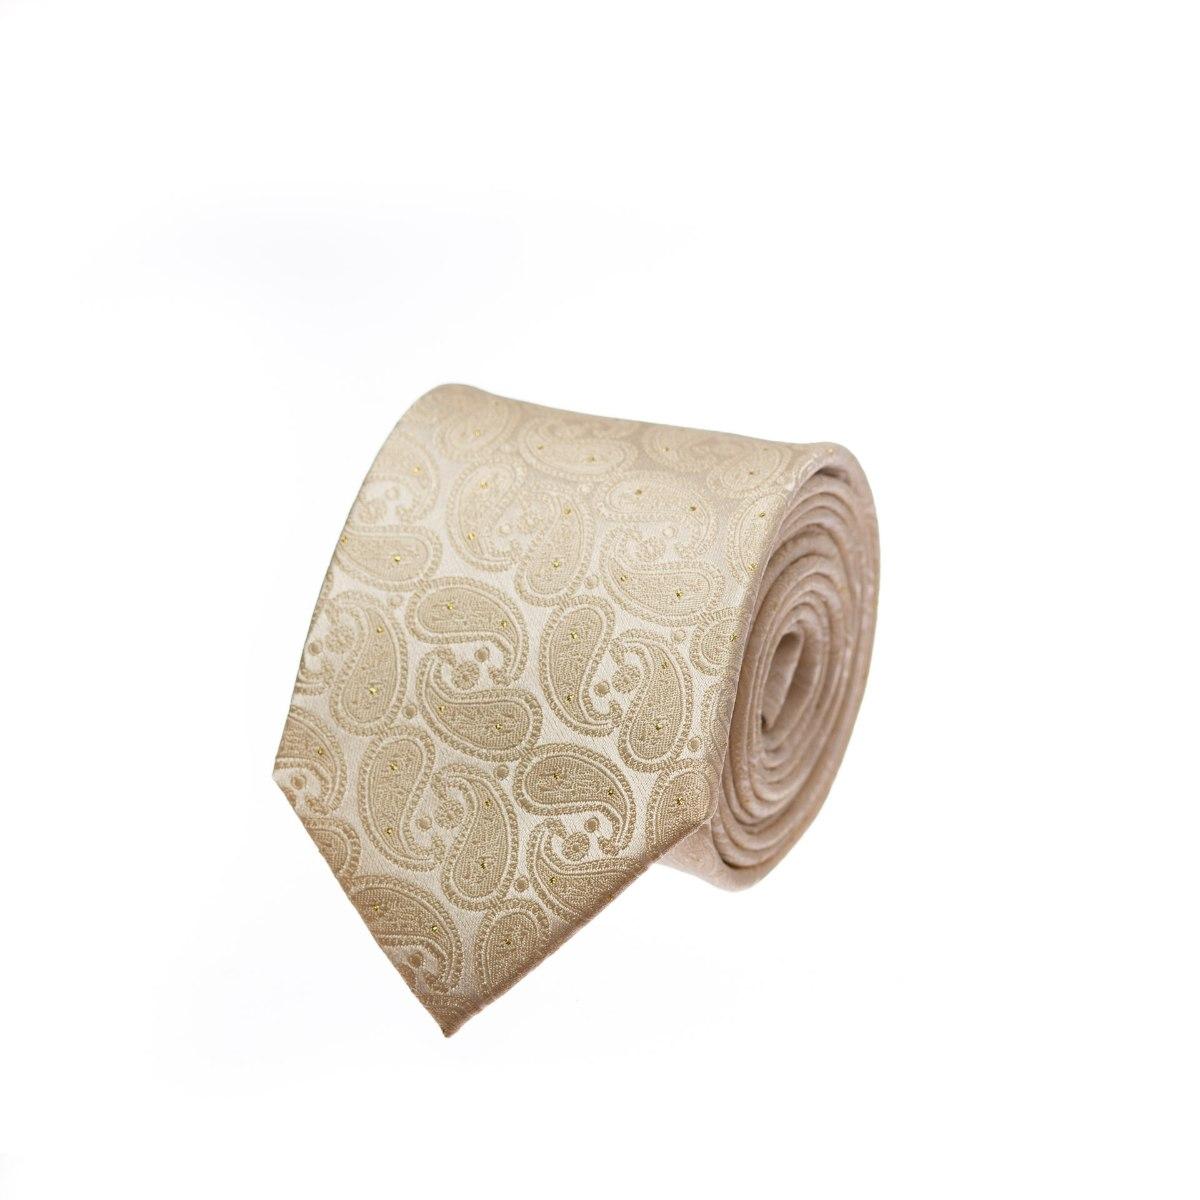 עניבה קרם לורקס זהב דגם פייזלי